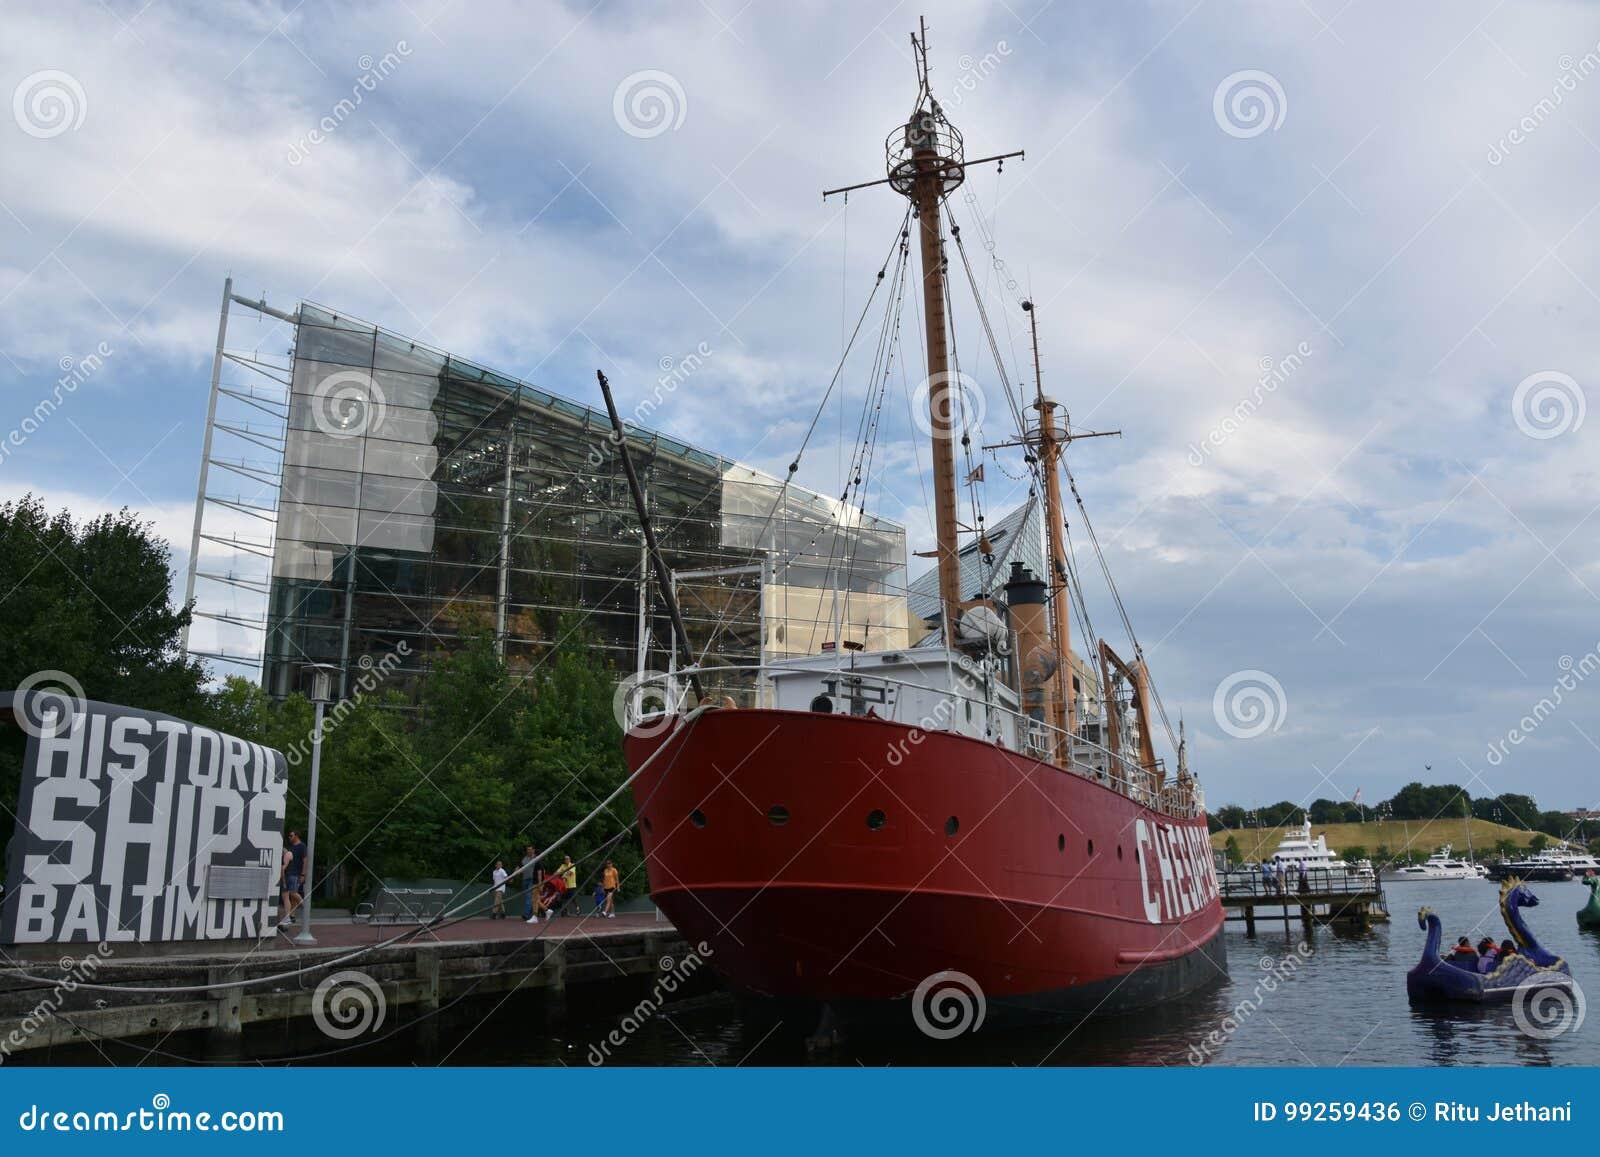 美国灯塔船切塞皮克犬LV-116在巴尔的摩,马里兰